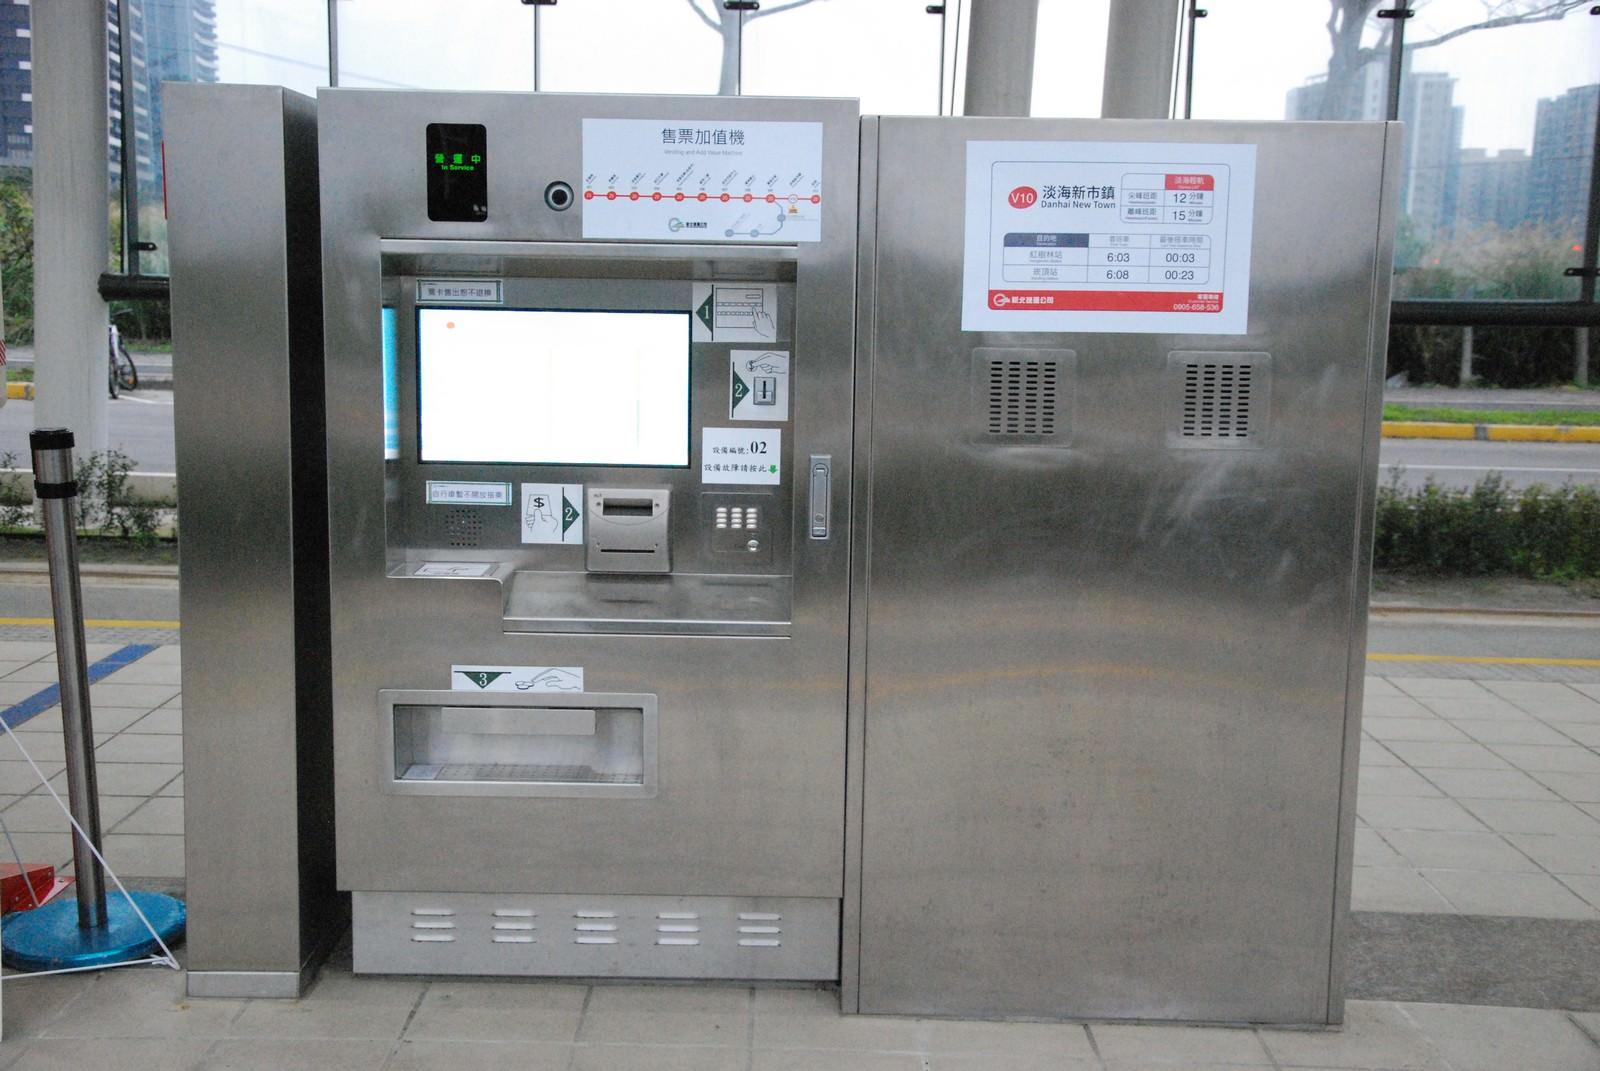 淡海輕軌綠山線, 輕軌淡海新市鎮站, 購票機